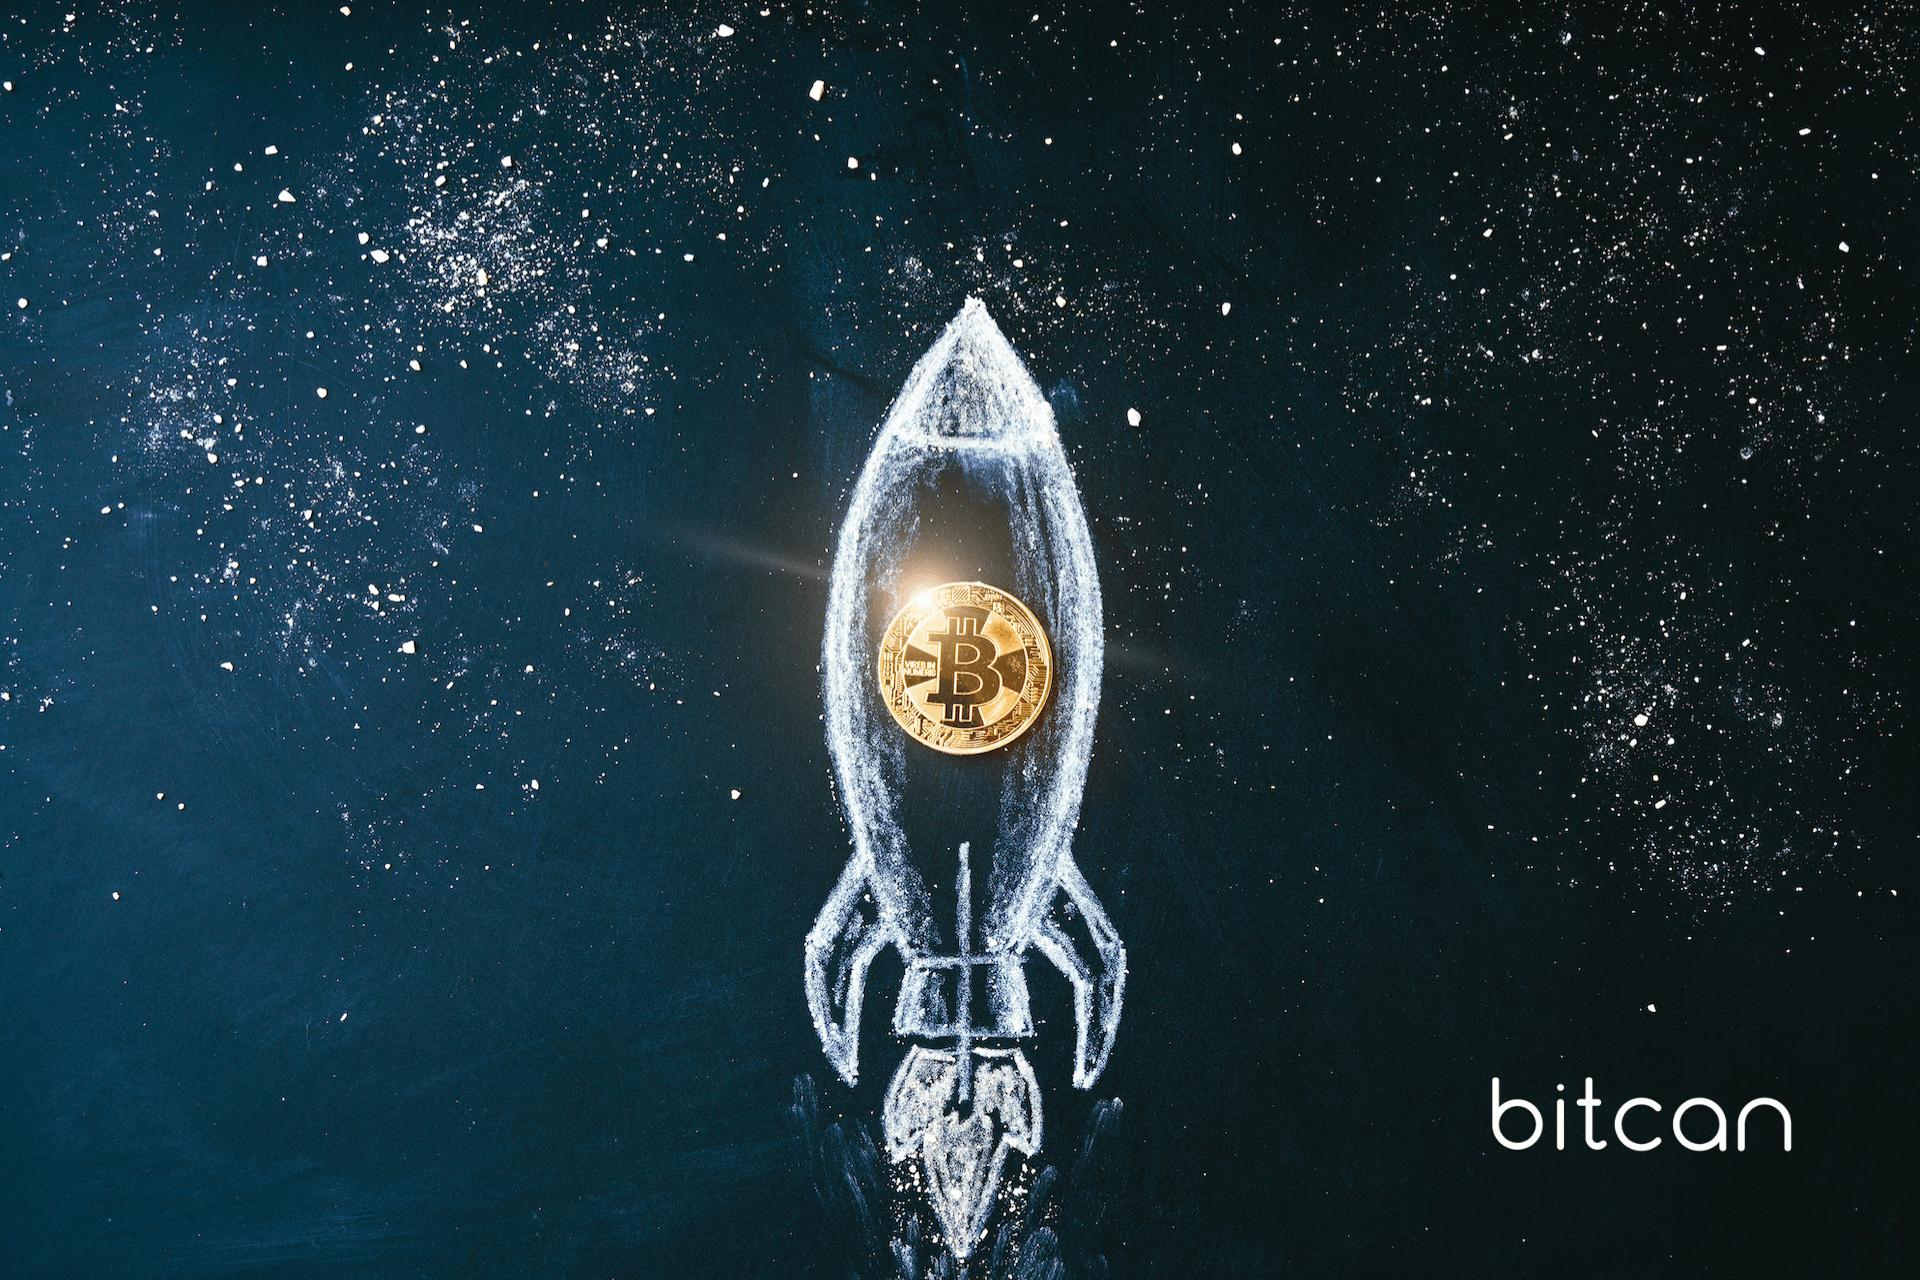 Łączna wartość kryptowalut to już ponad bilion dolarów. Dlaczego cena bitcoina rośnie w zatrważającym tempie?